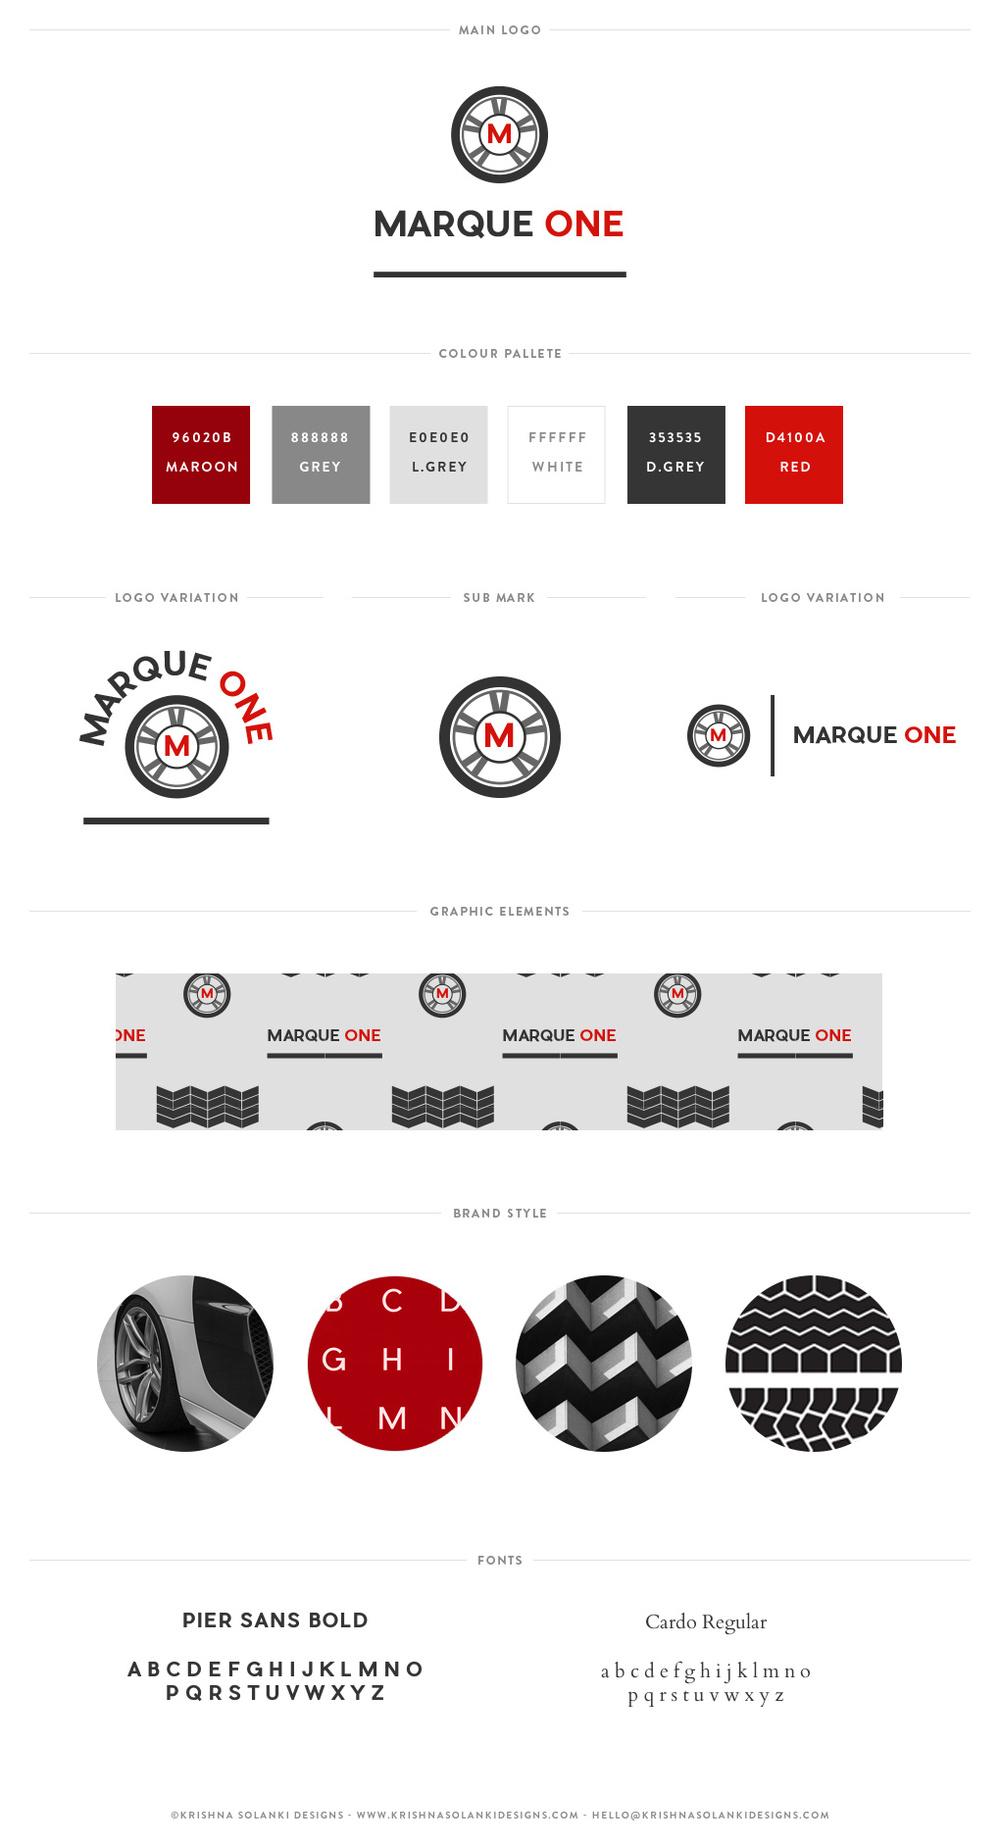 Marque One - brand board